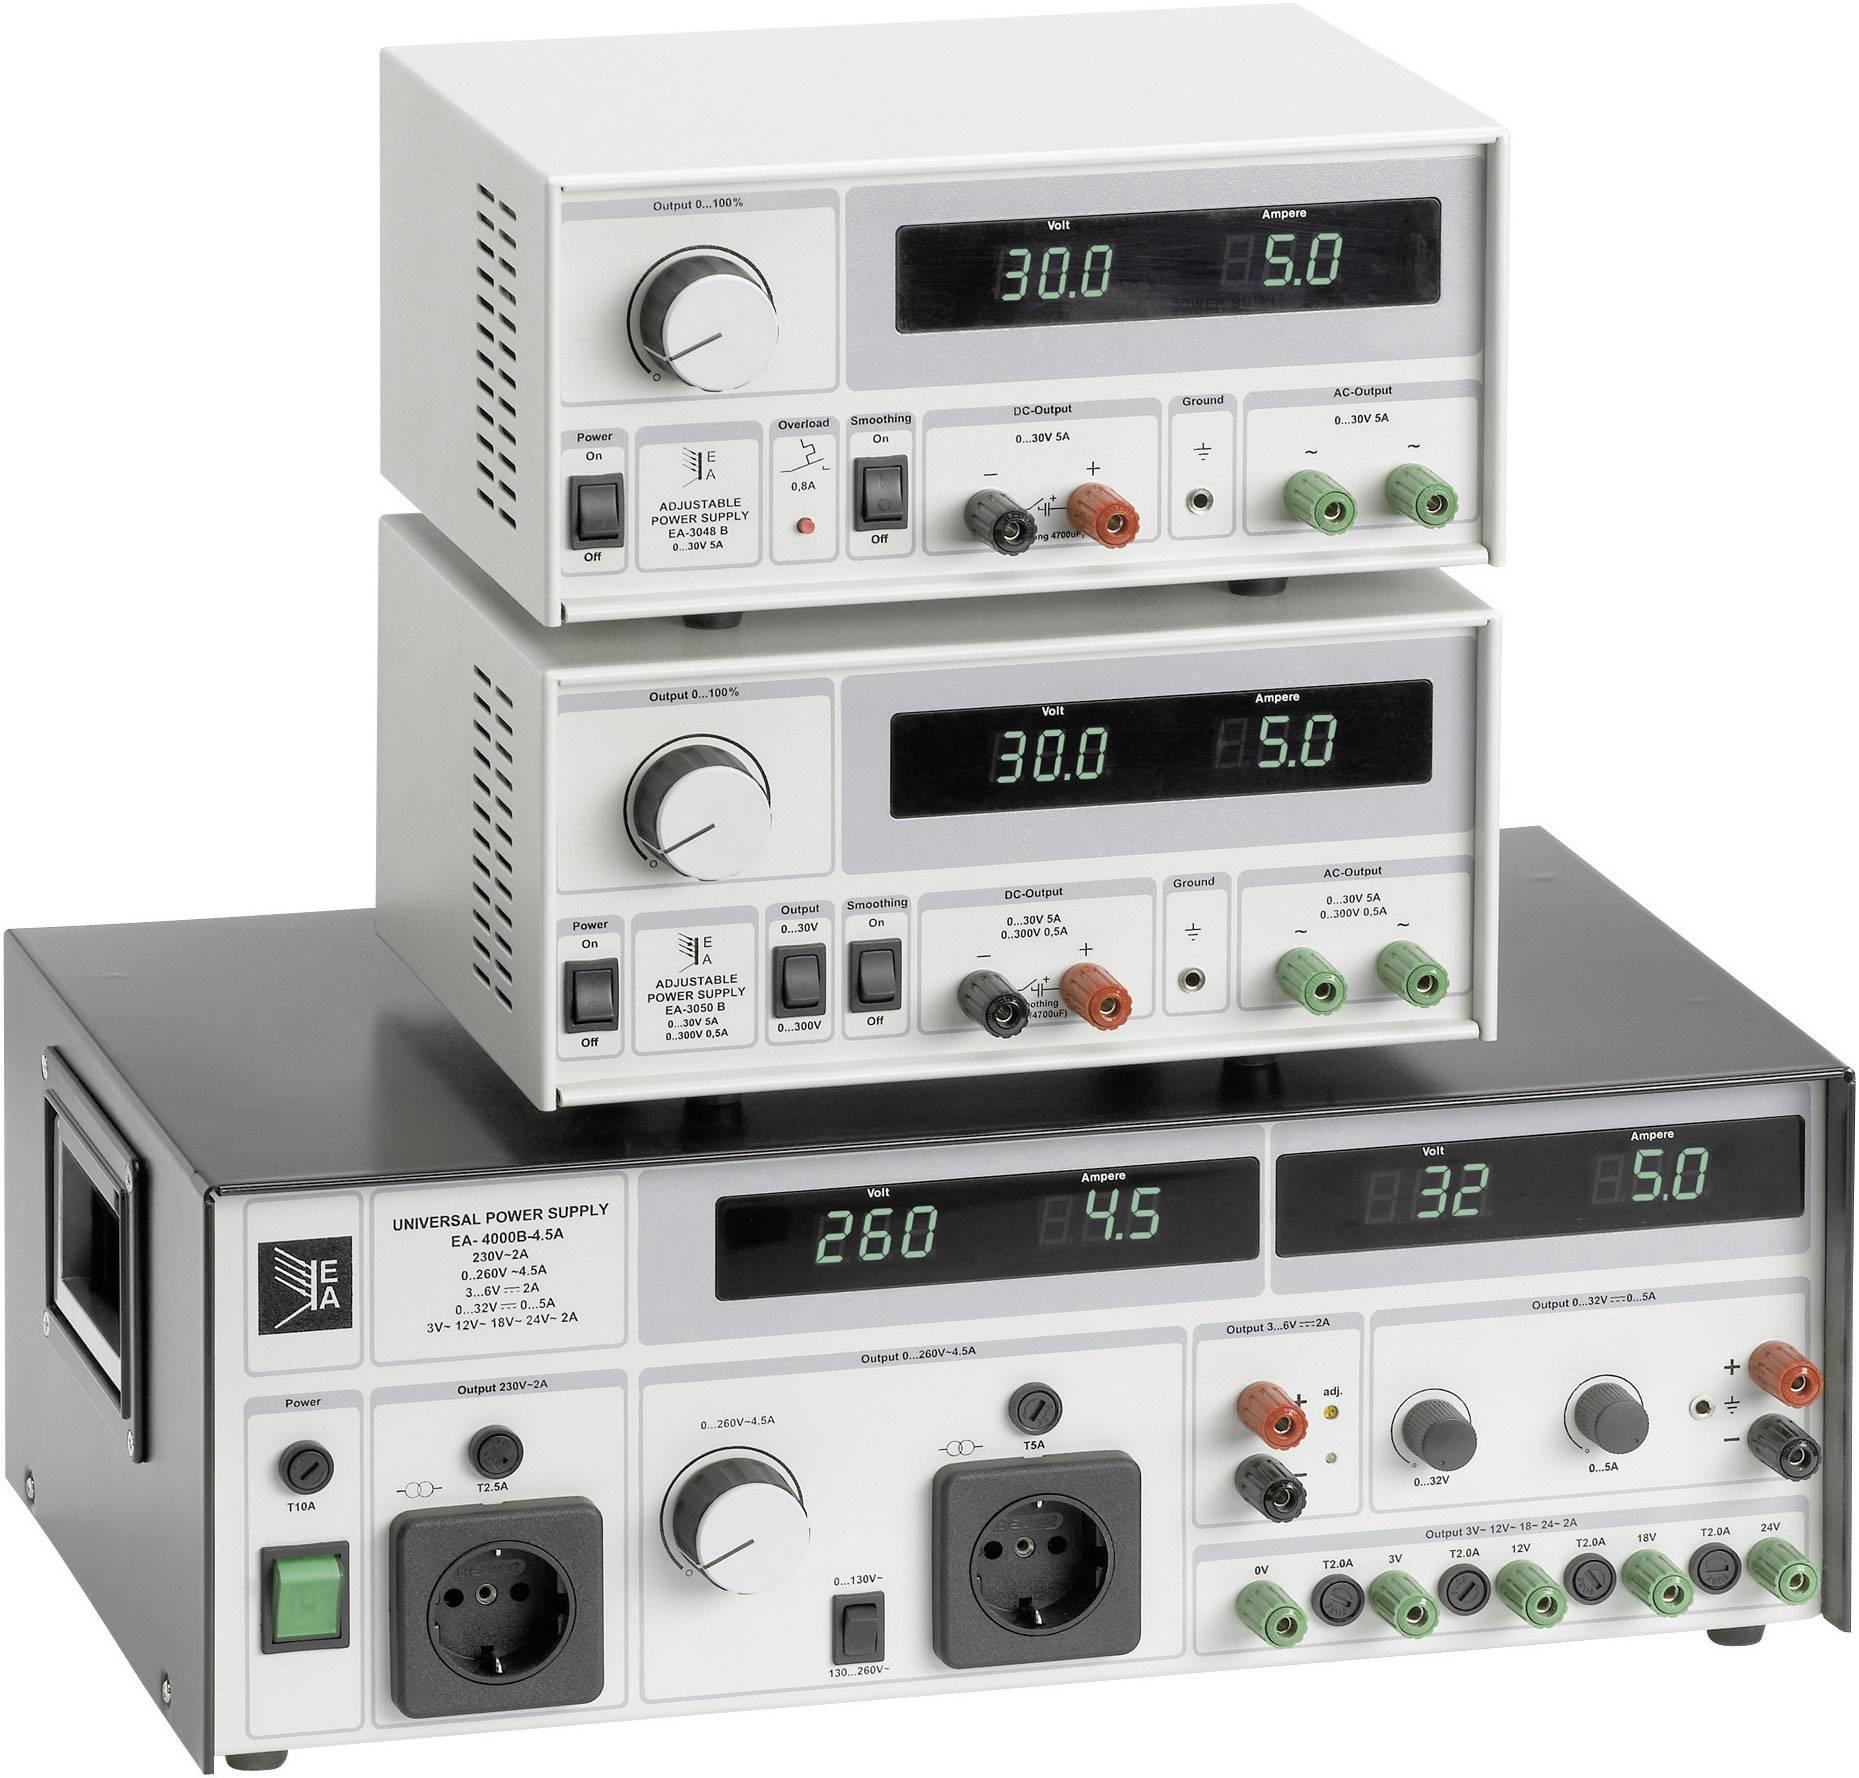 Univerzální síťový zdroj EA-3048B, 0 - 30 V, 5 A